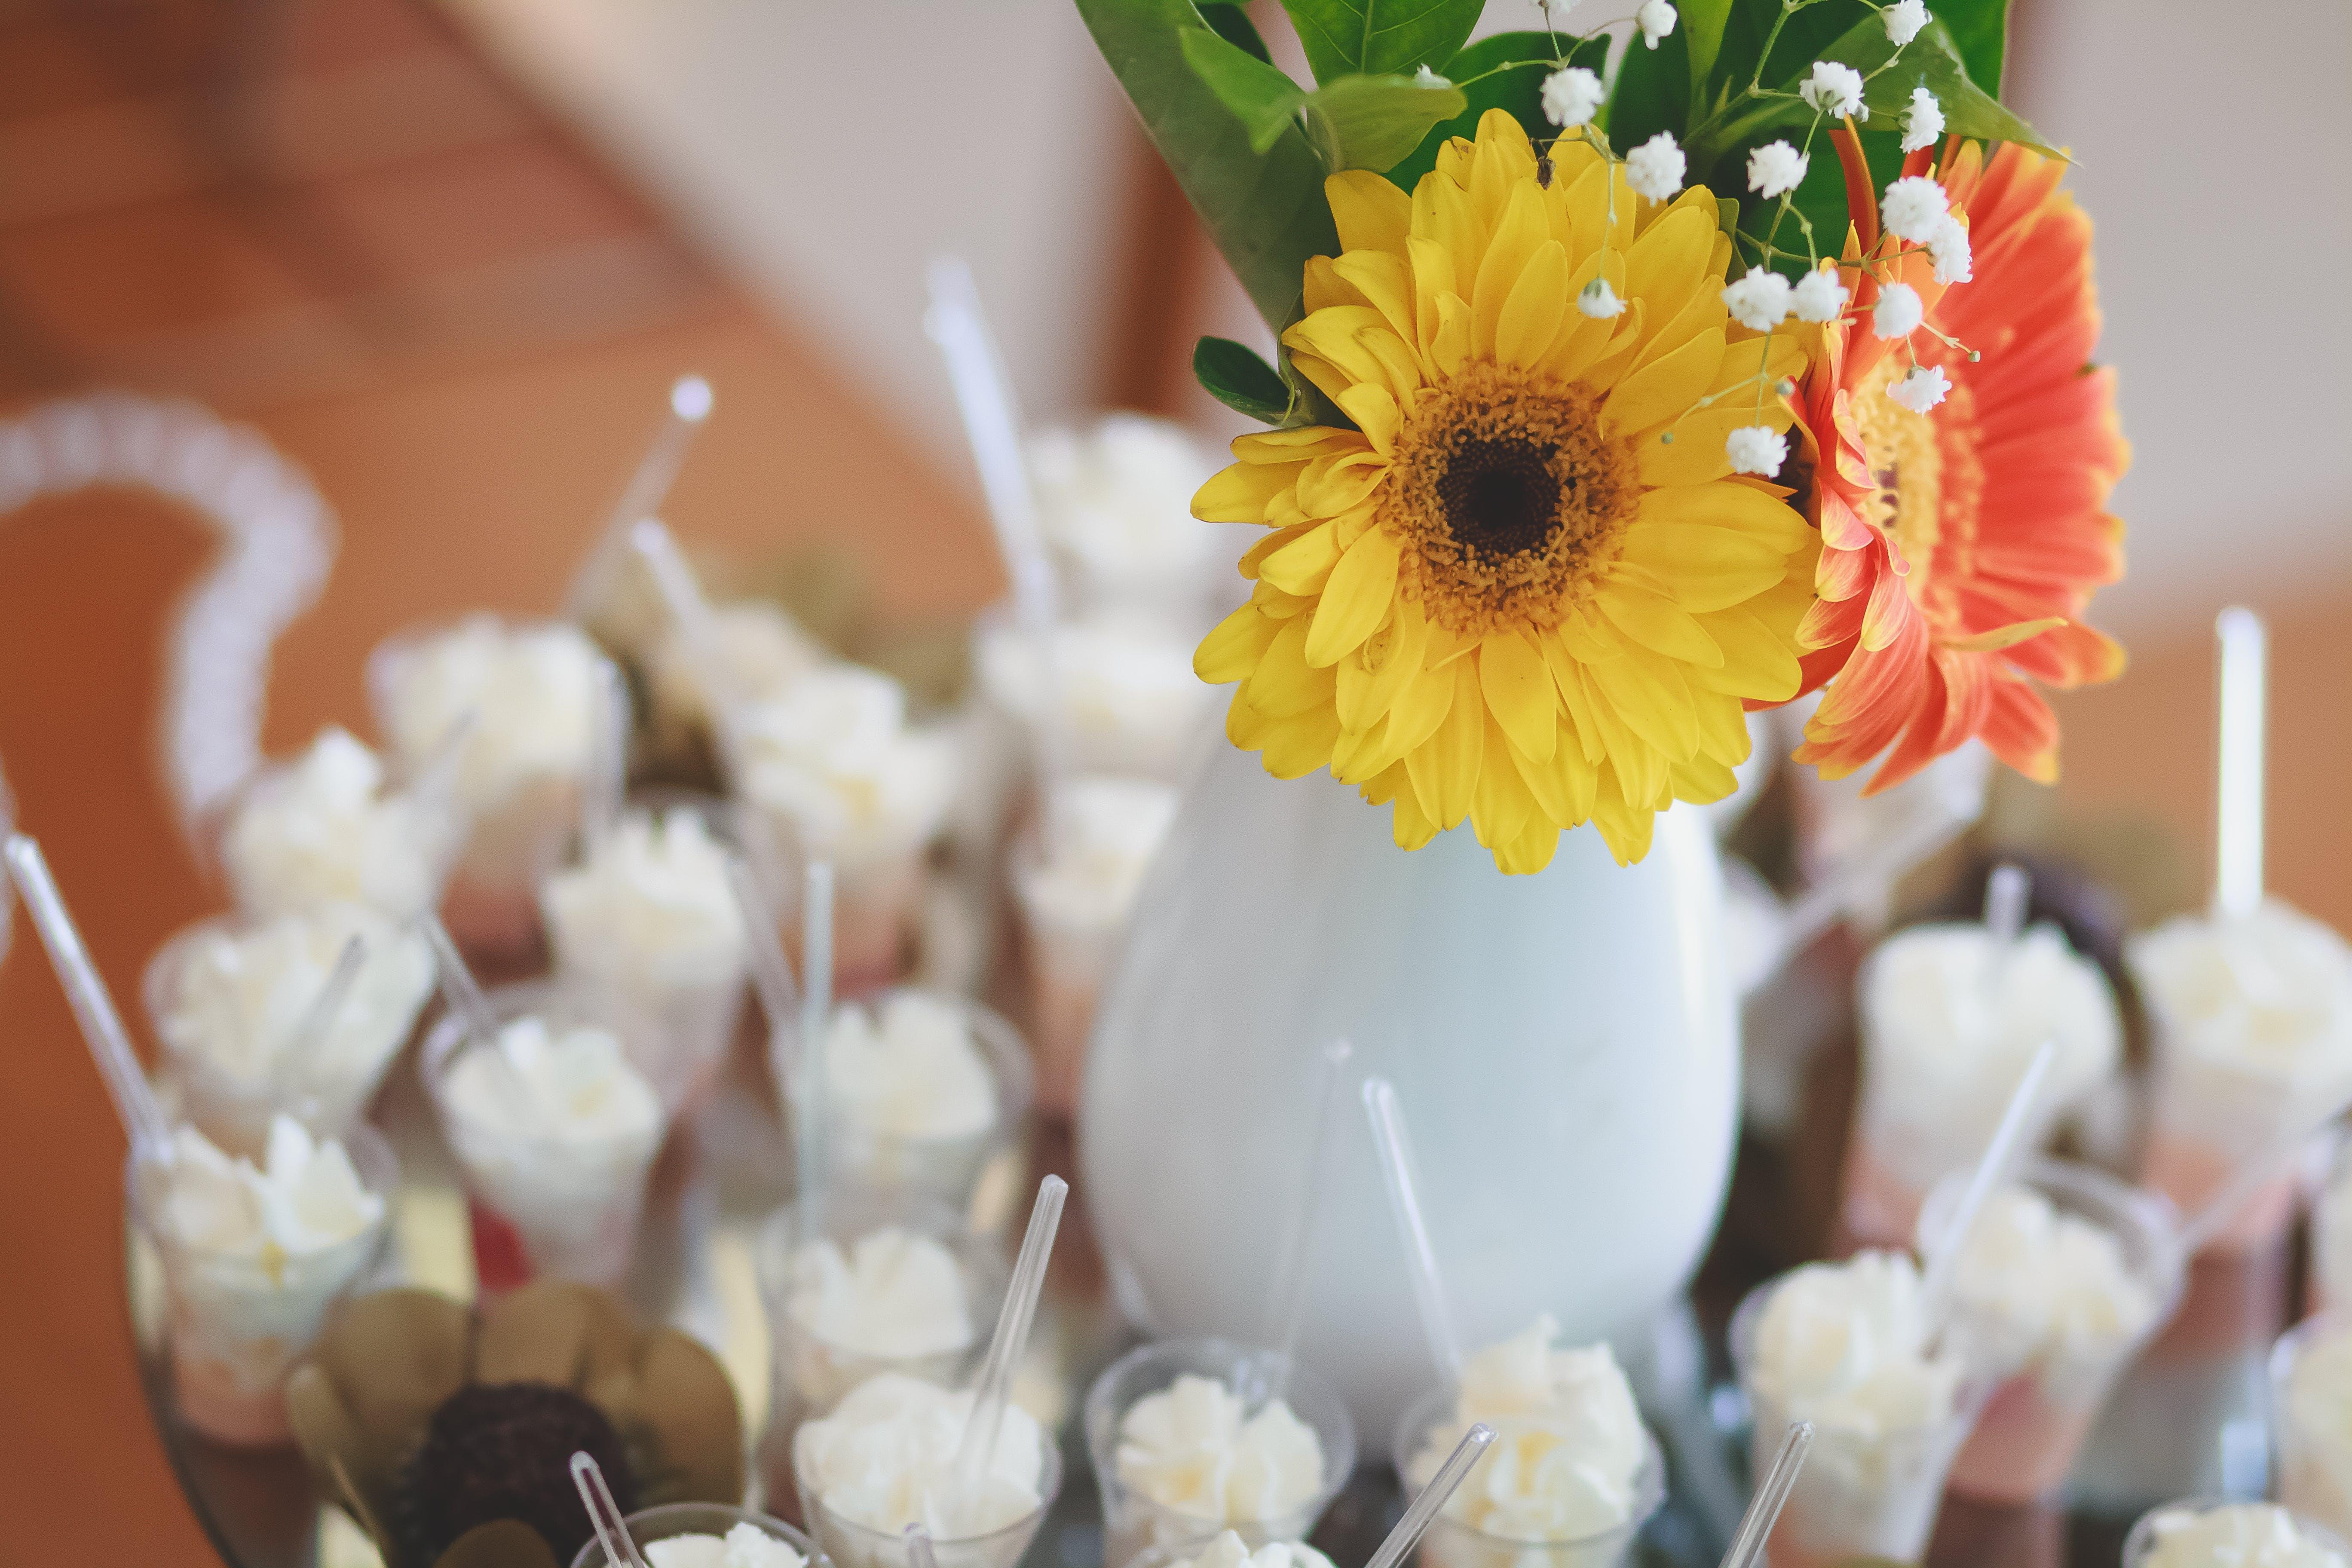 결혼, 꽃꽂이, 사탕, 축하의 무료 스톡 사진